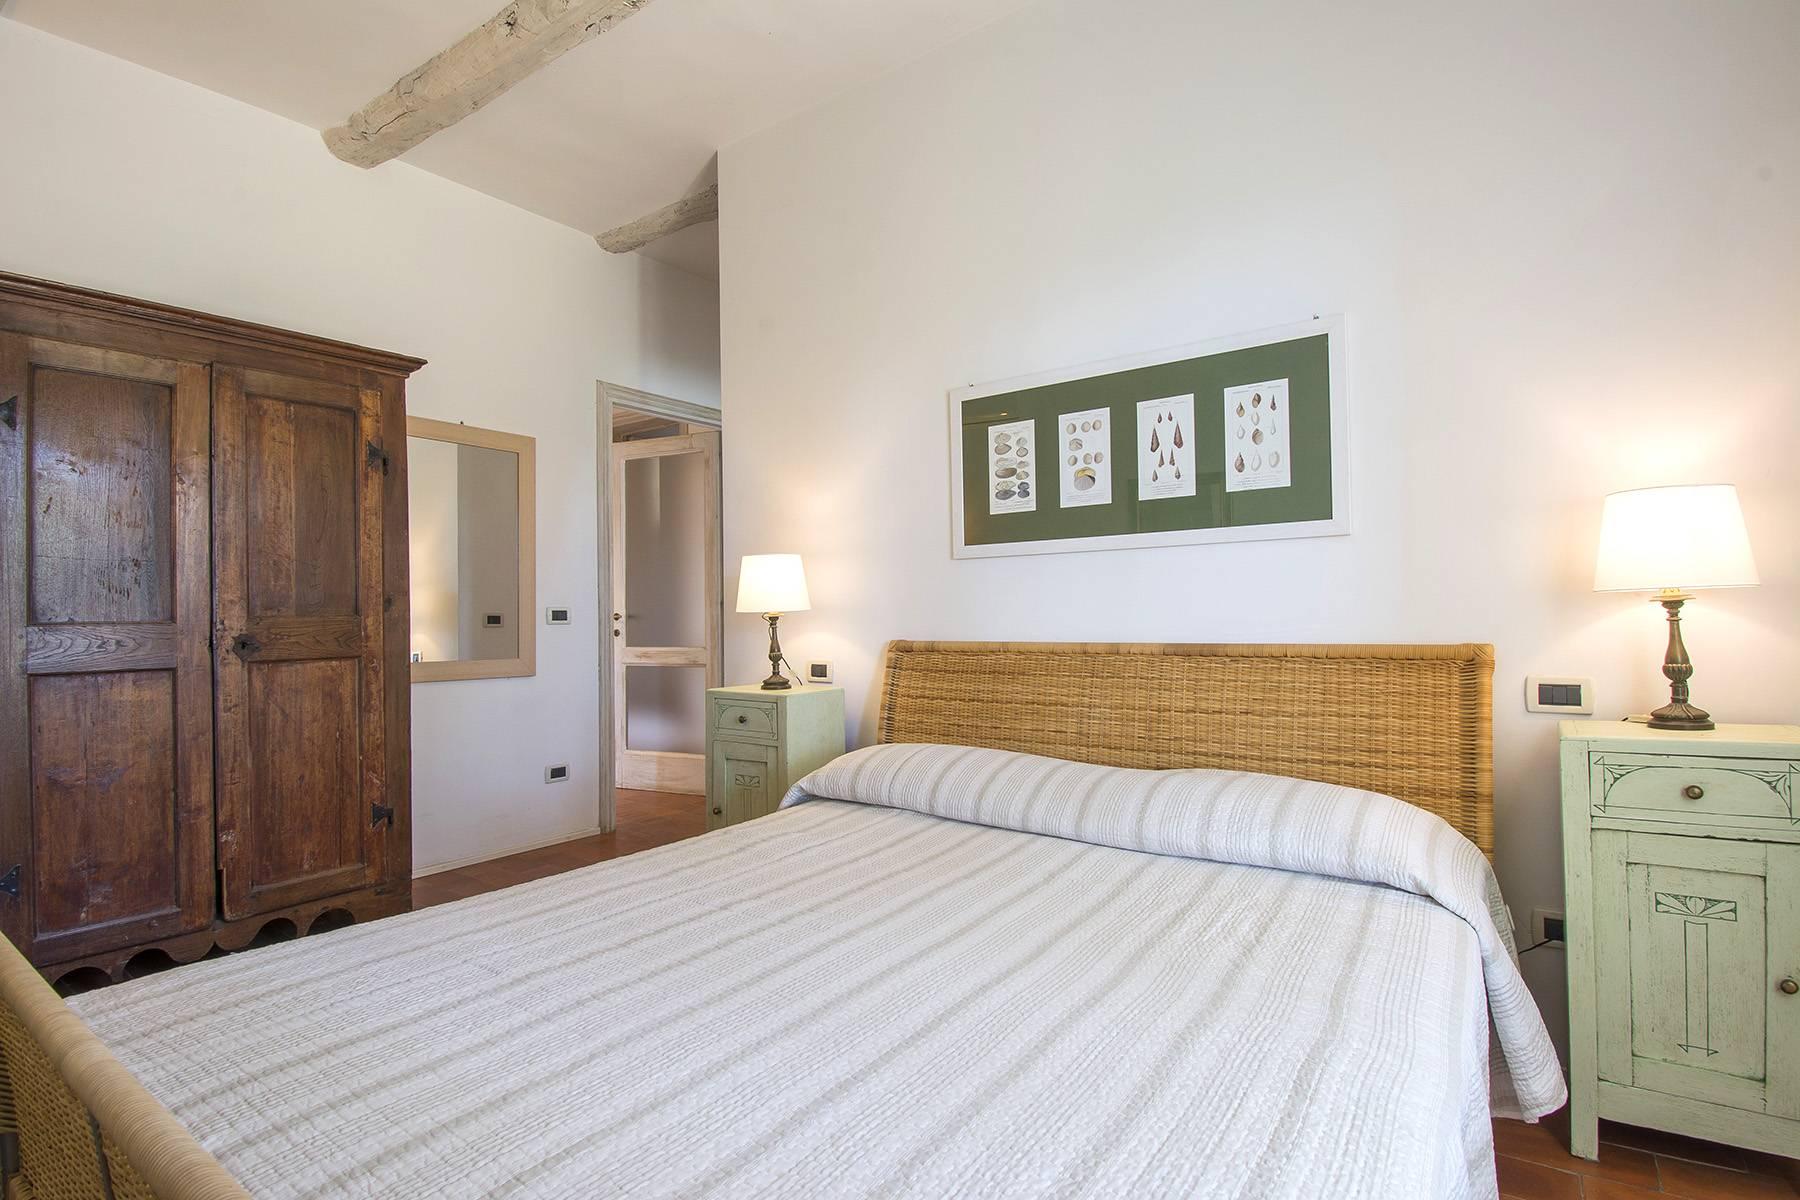 Villa in Vendita a Montecatini-Terme: 5 locali, 250 mq - Foto 24